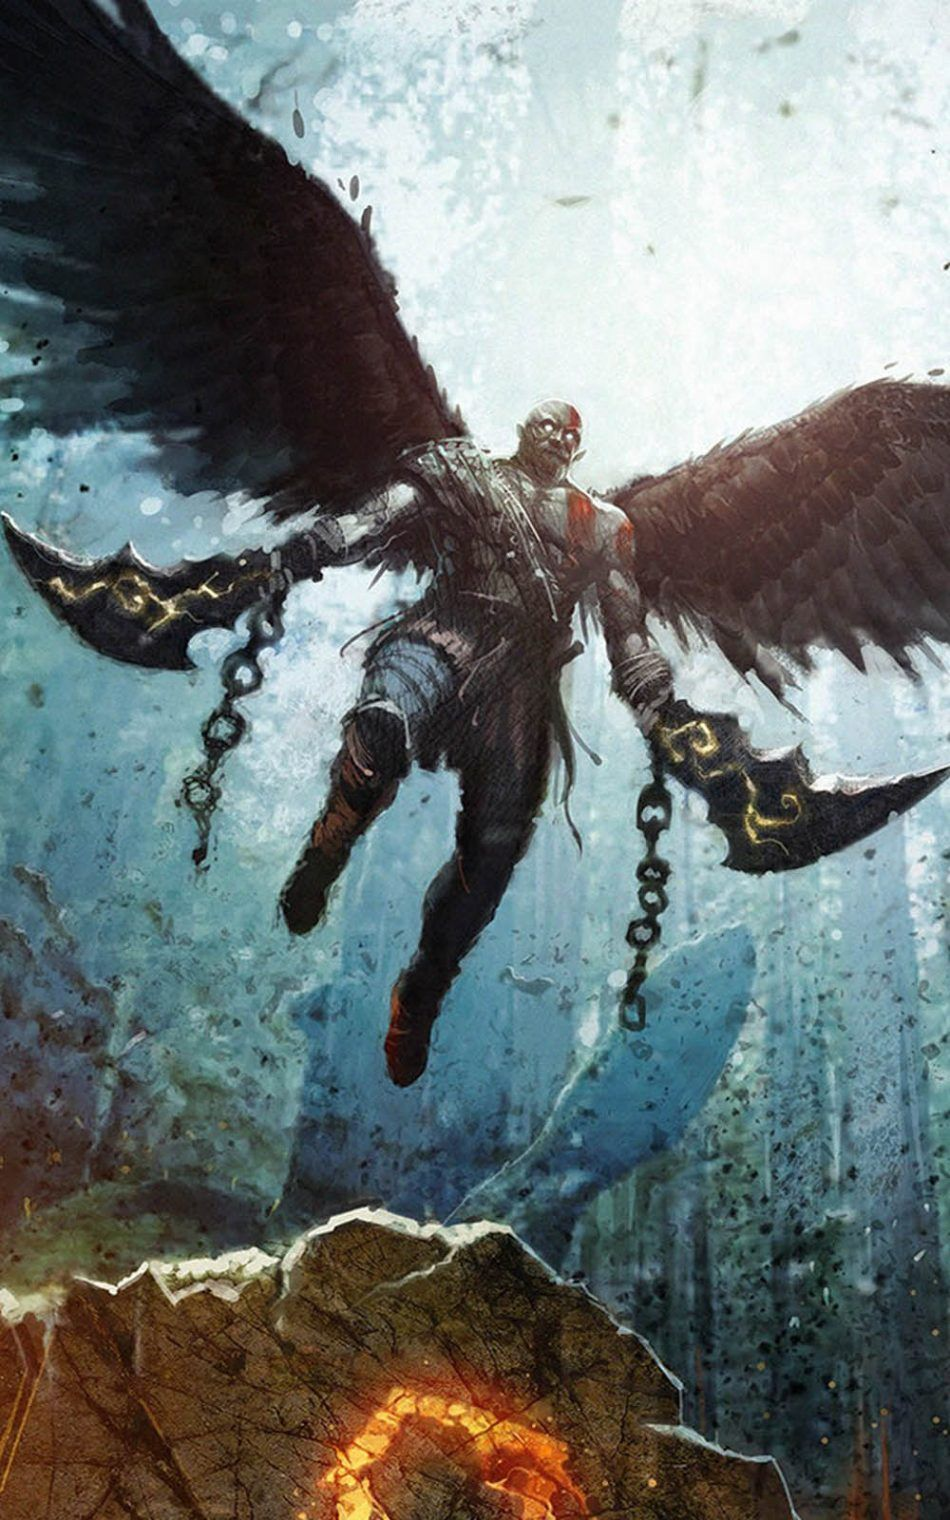 Hd Wallpaper 56 Kratos Desenho God Of War Gods Of War